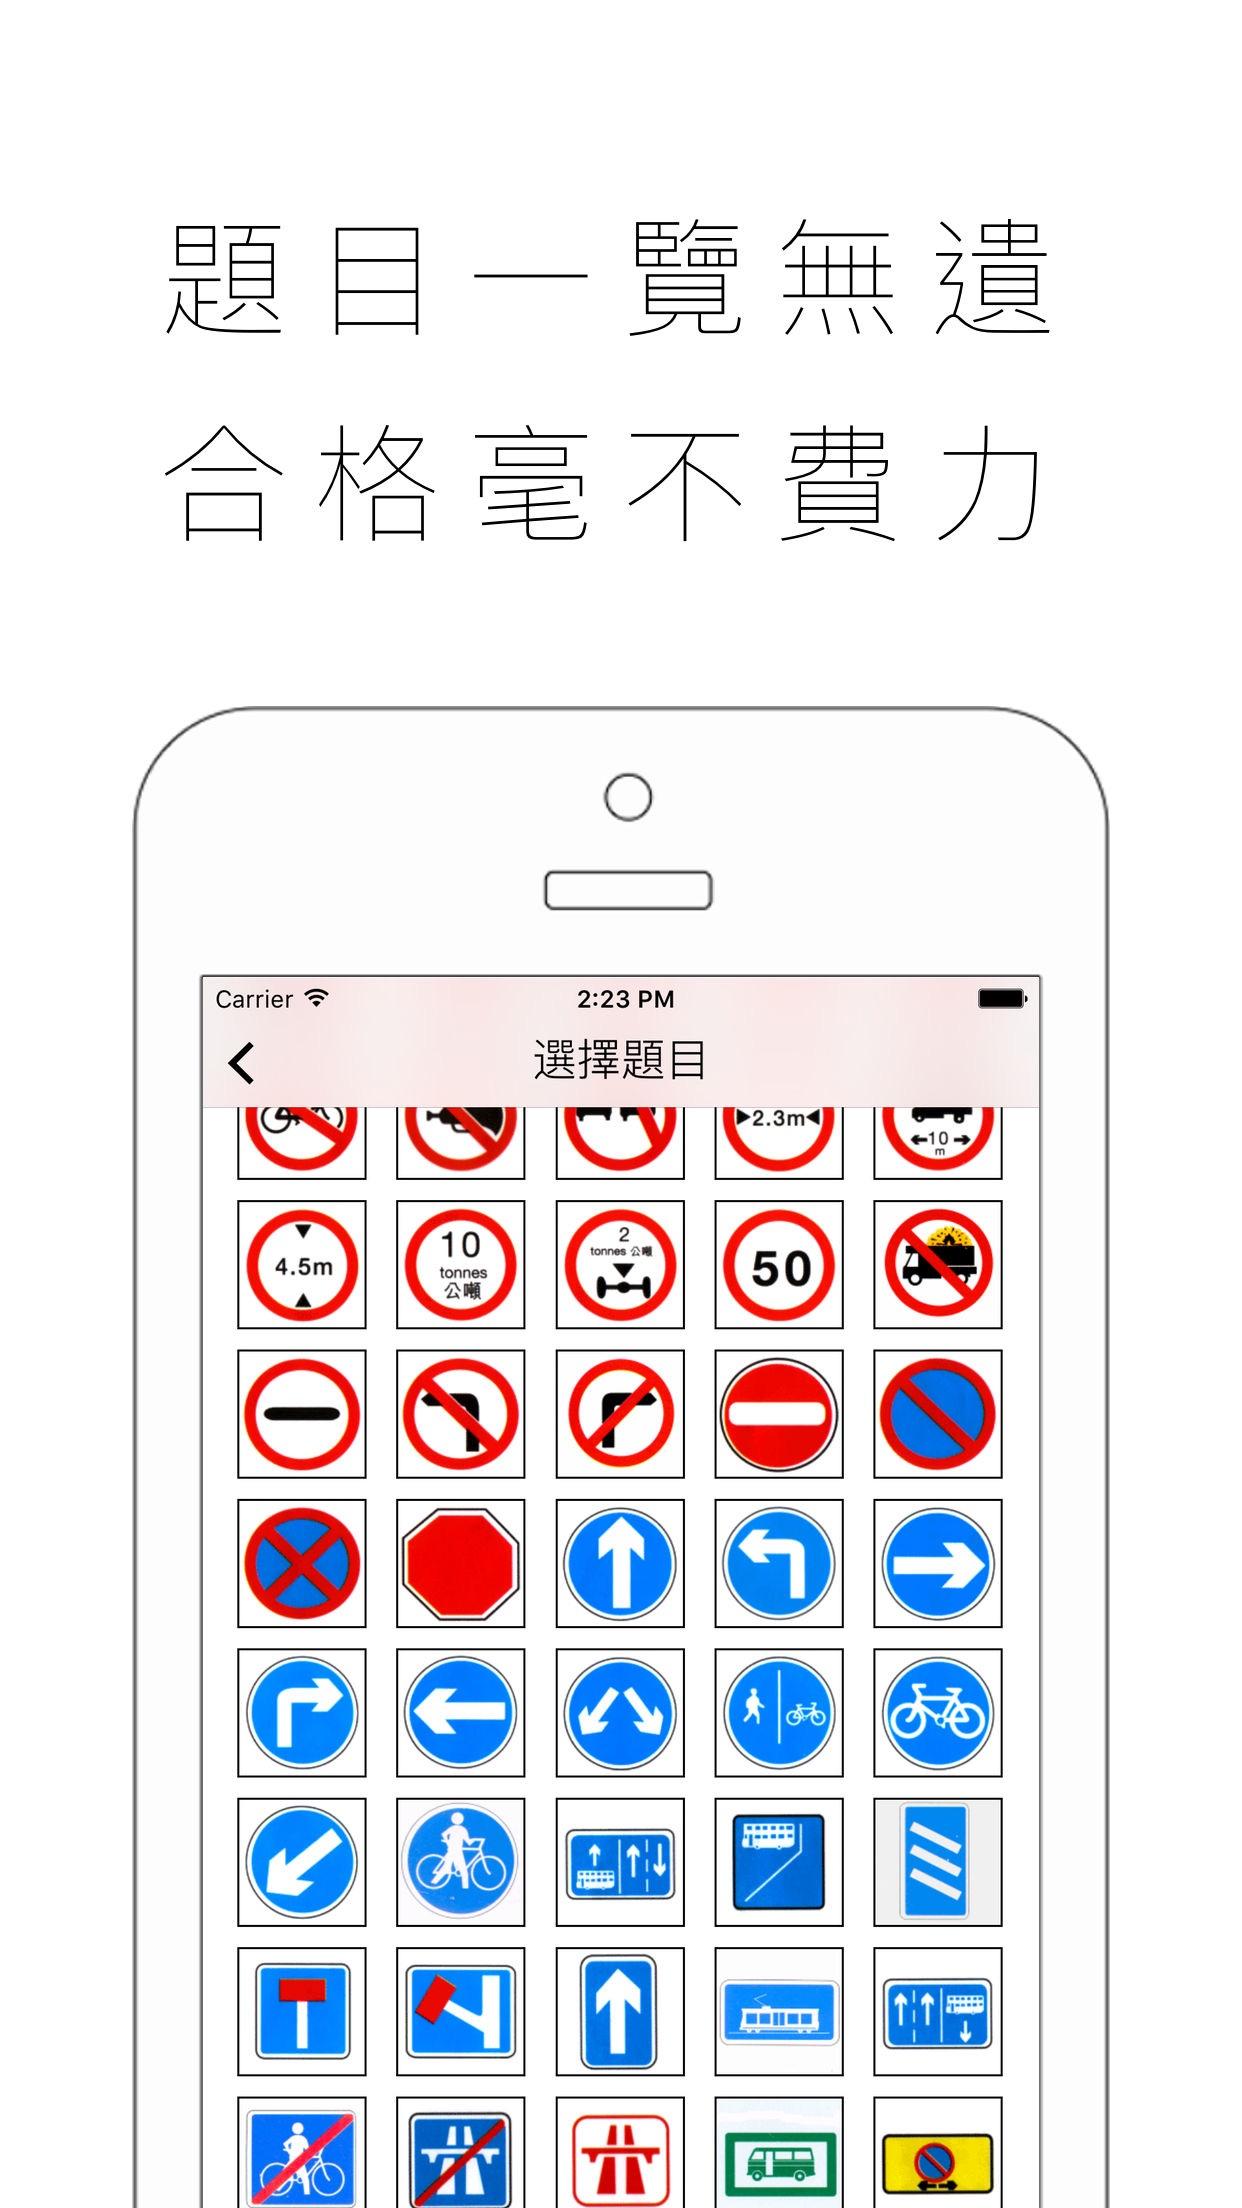 香港駕駛執照筆試 Screenshot